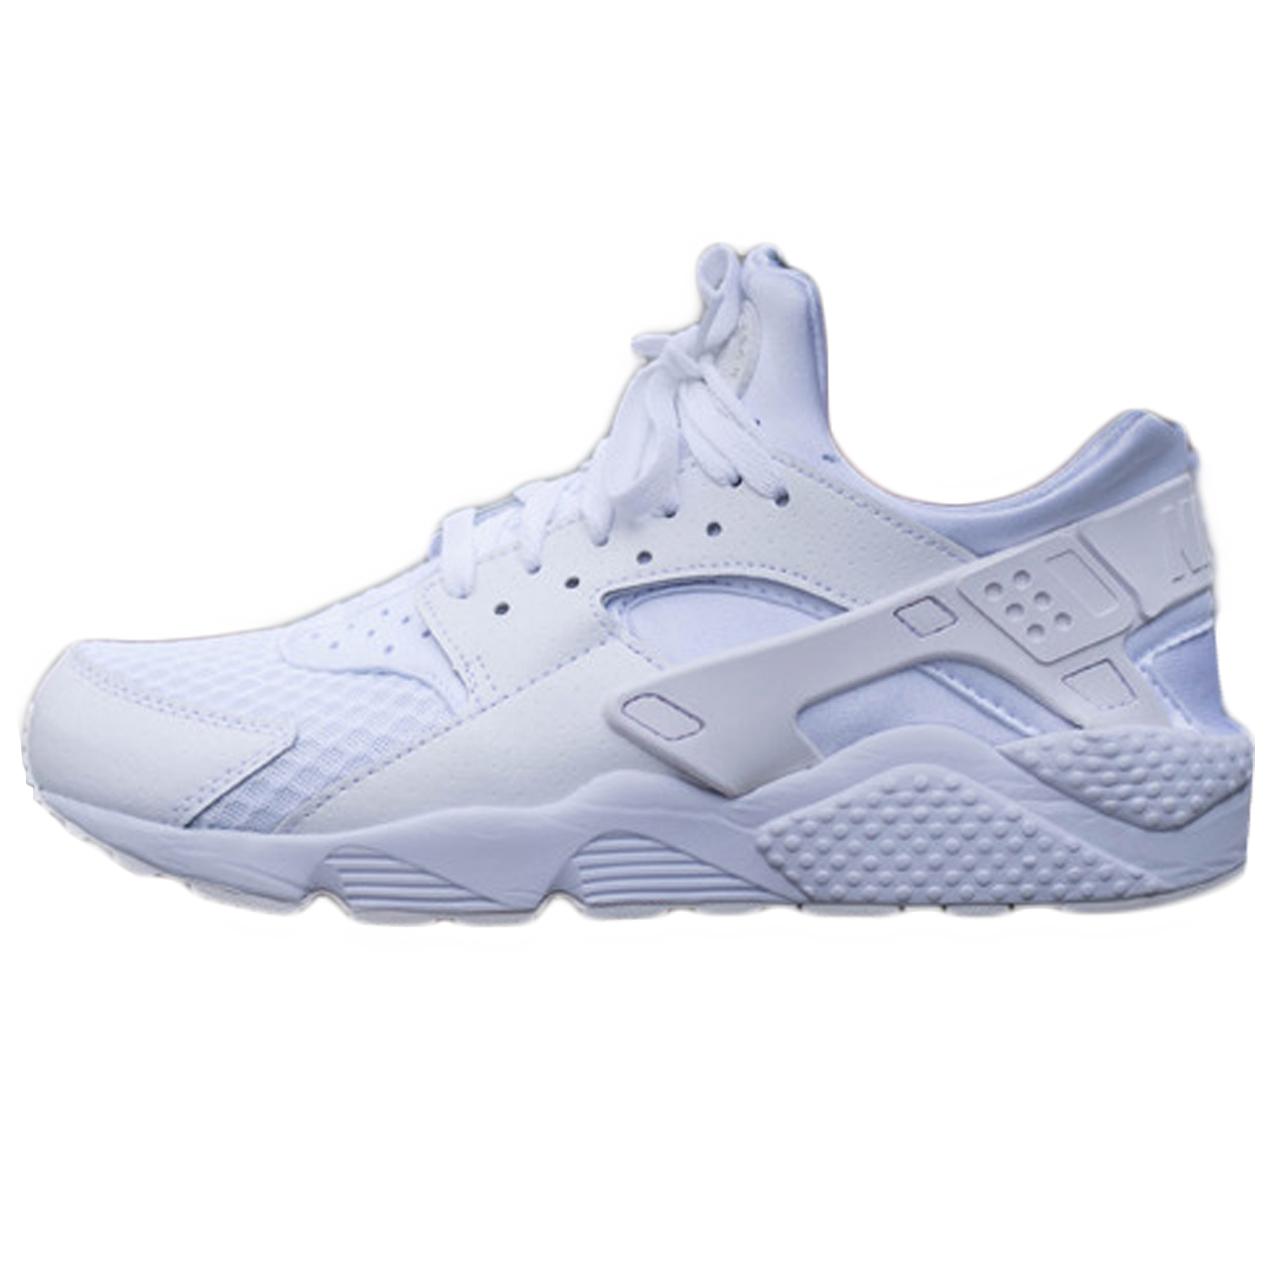 قیمت کفش مخصوص دویدن مردانه نایکی مدل Horache کد 543543